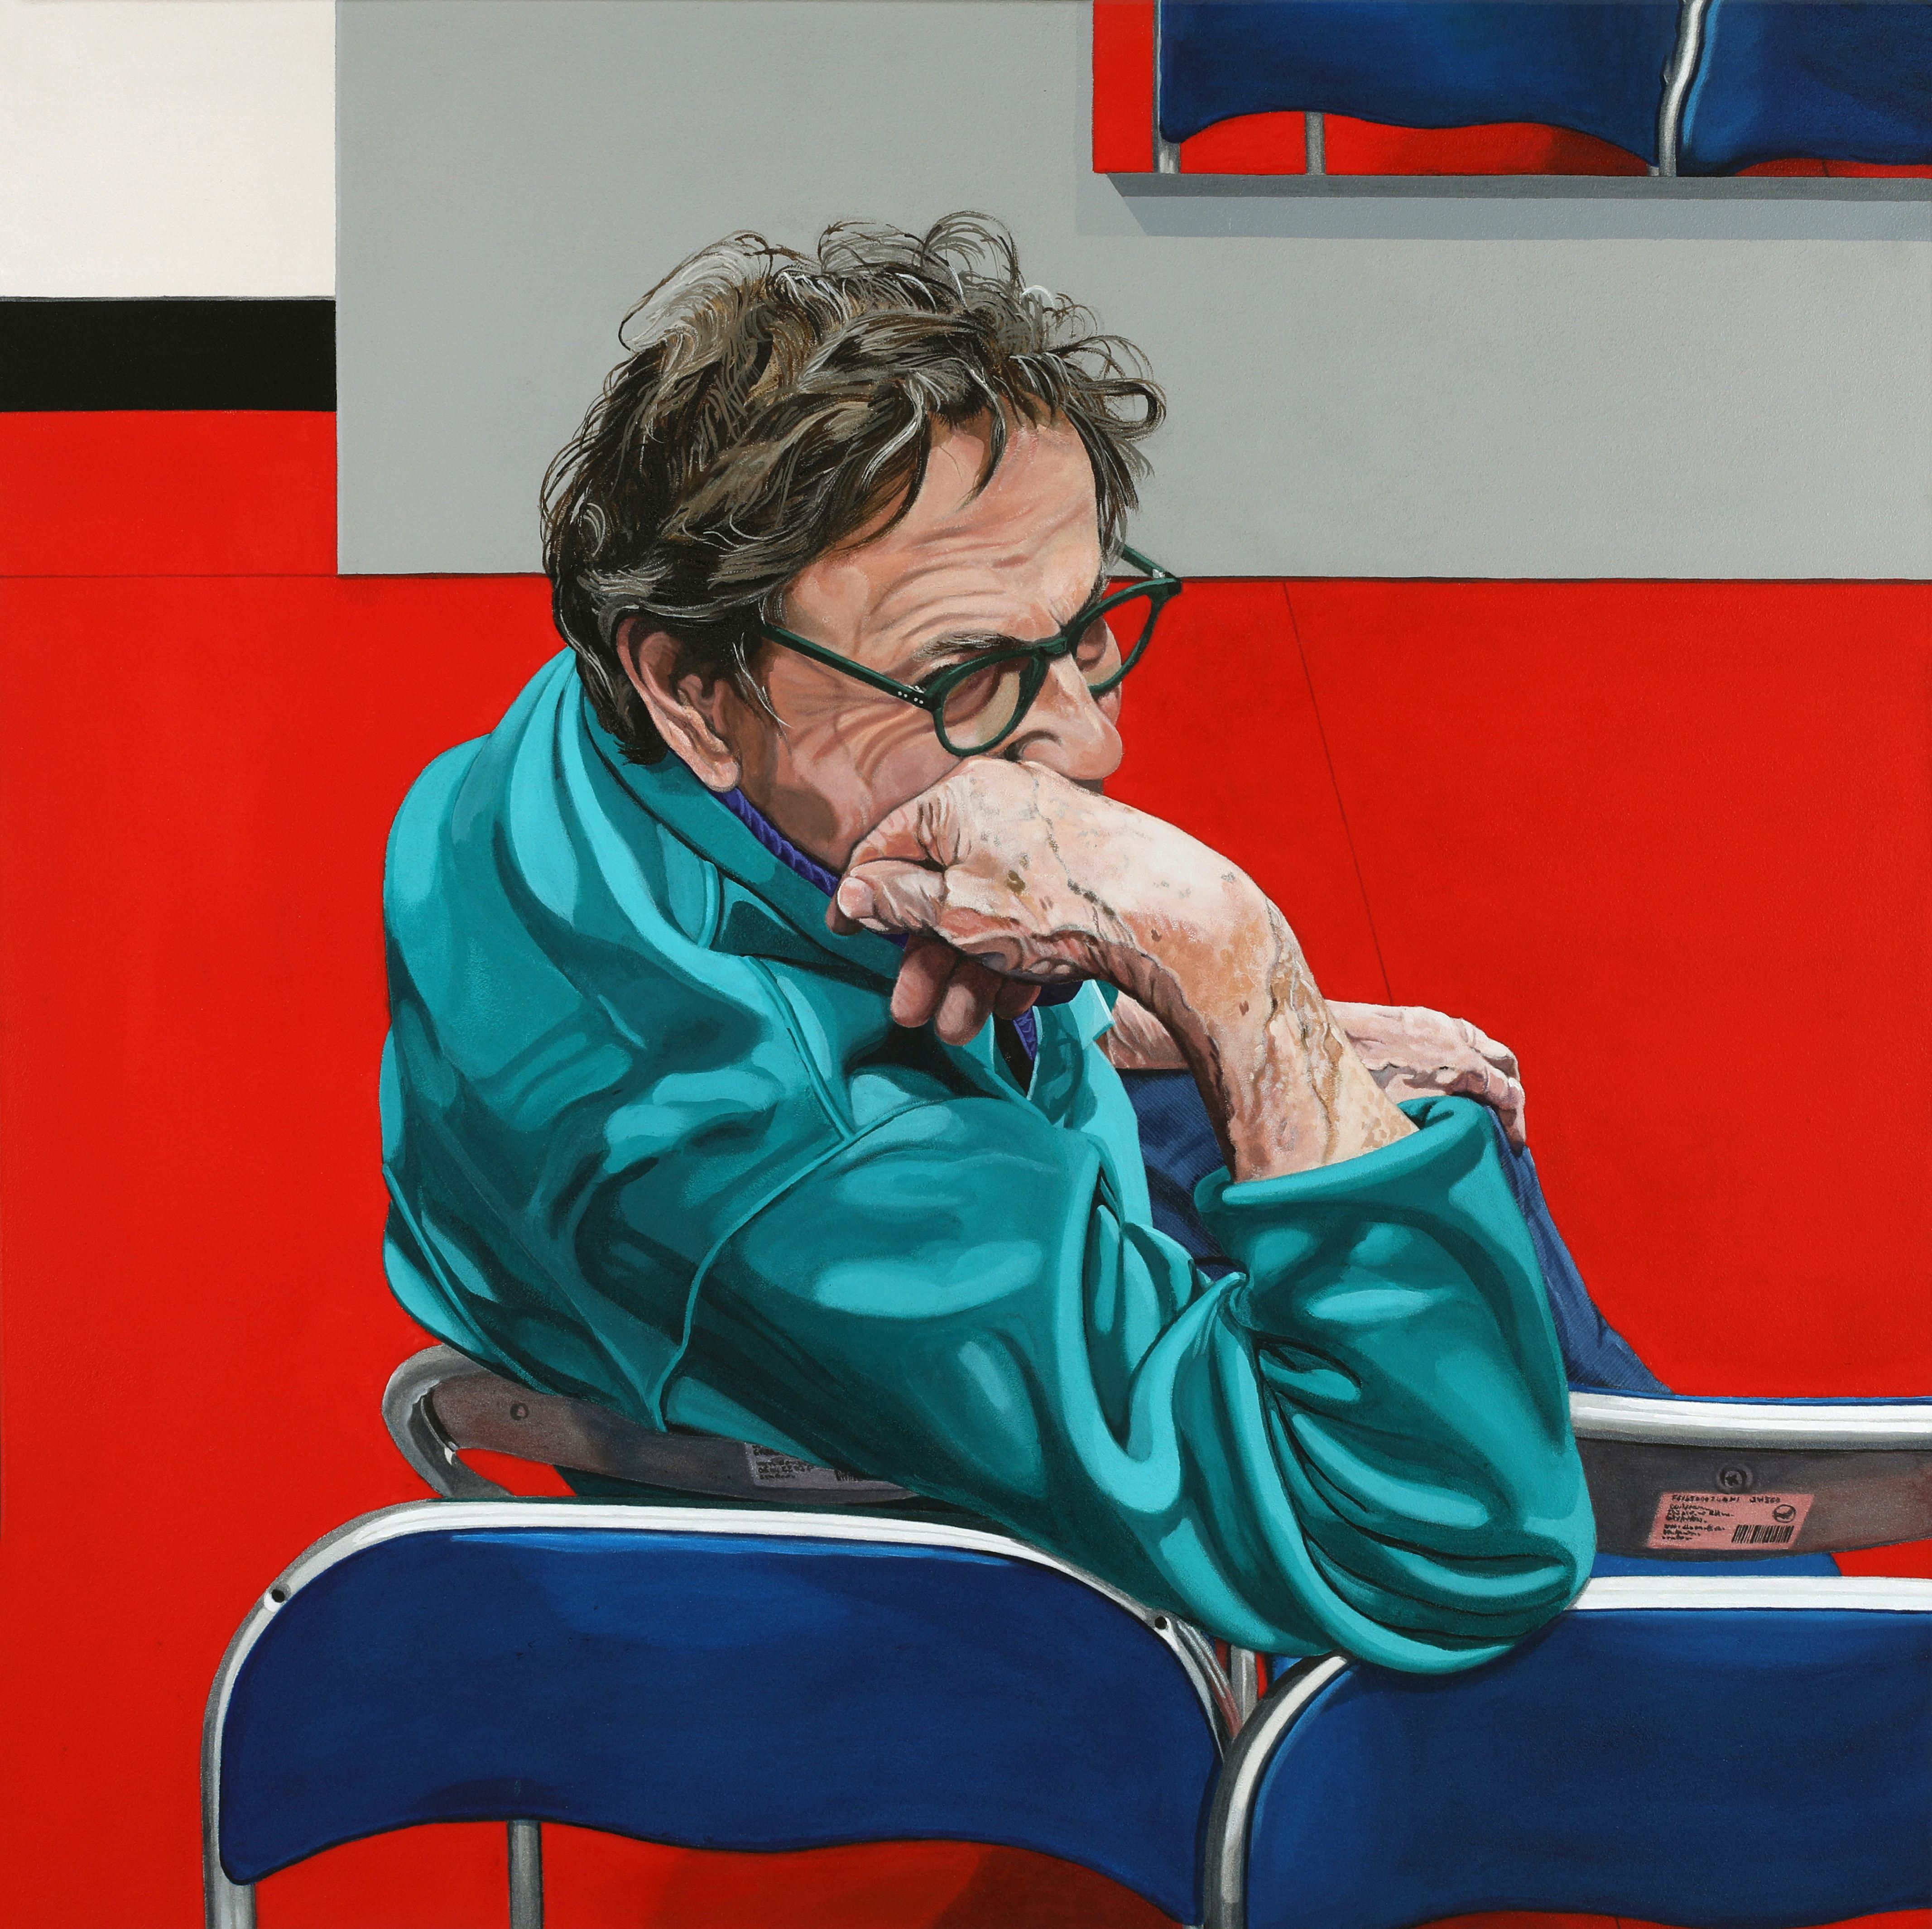 Peinture hyperréalisme Hervé Bernard : Self-portrait with blue chairs